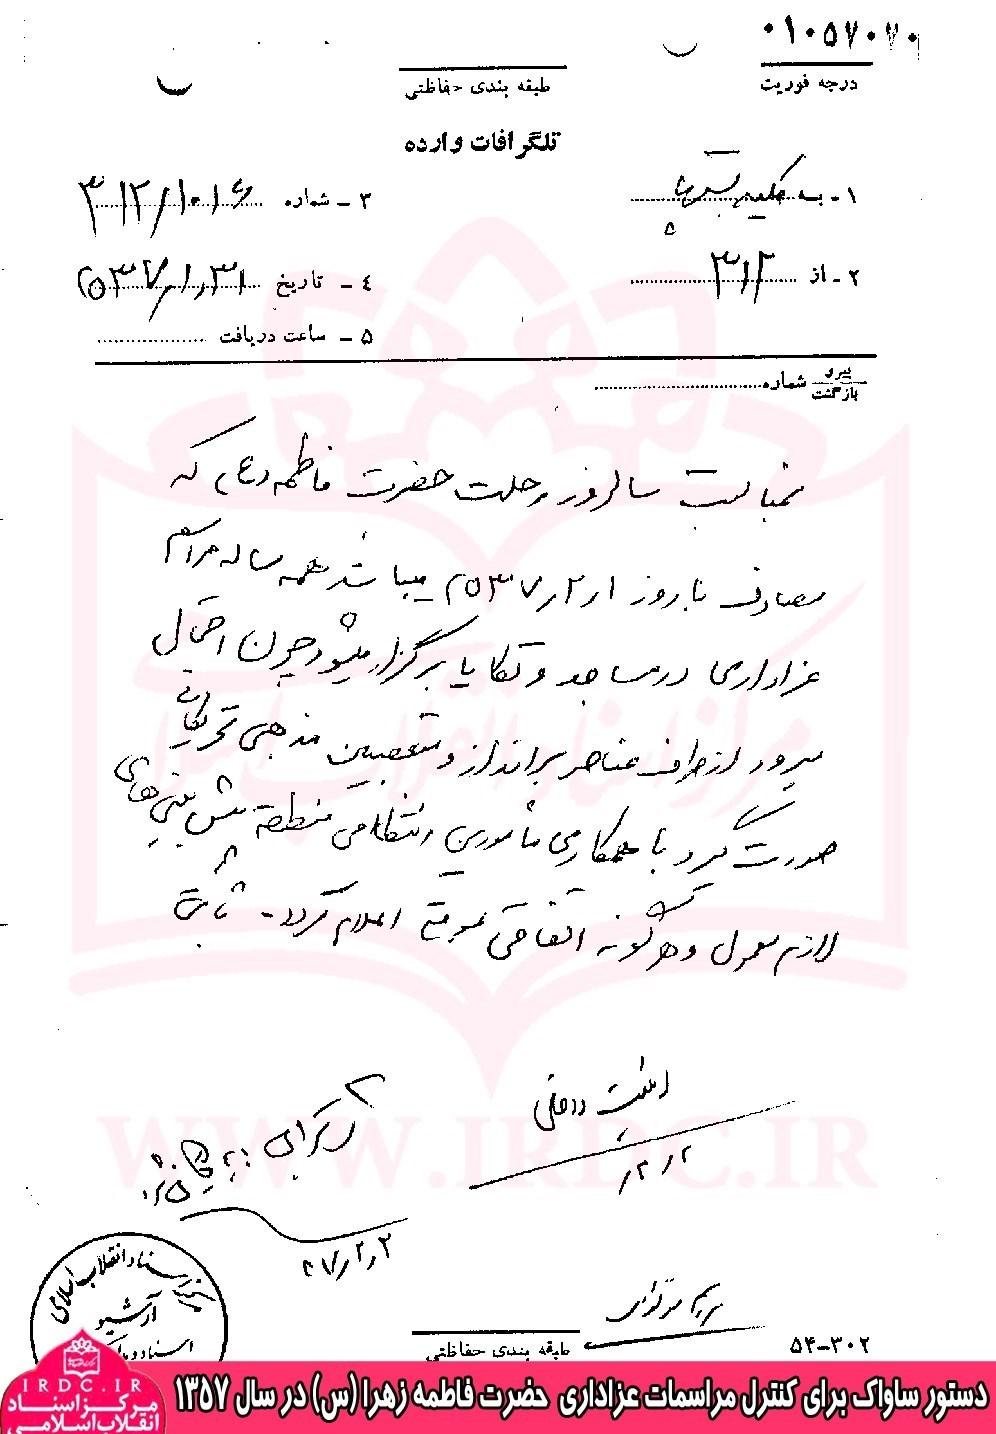 دستور ساواک برای کنترل مراسم عزاداری حضرت زهرا(س) در سال ۵۷ + سند